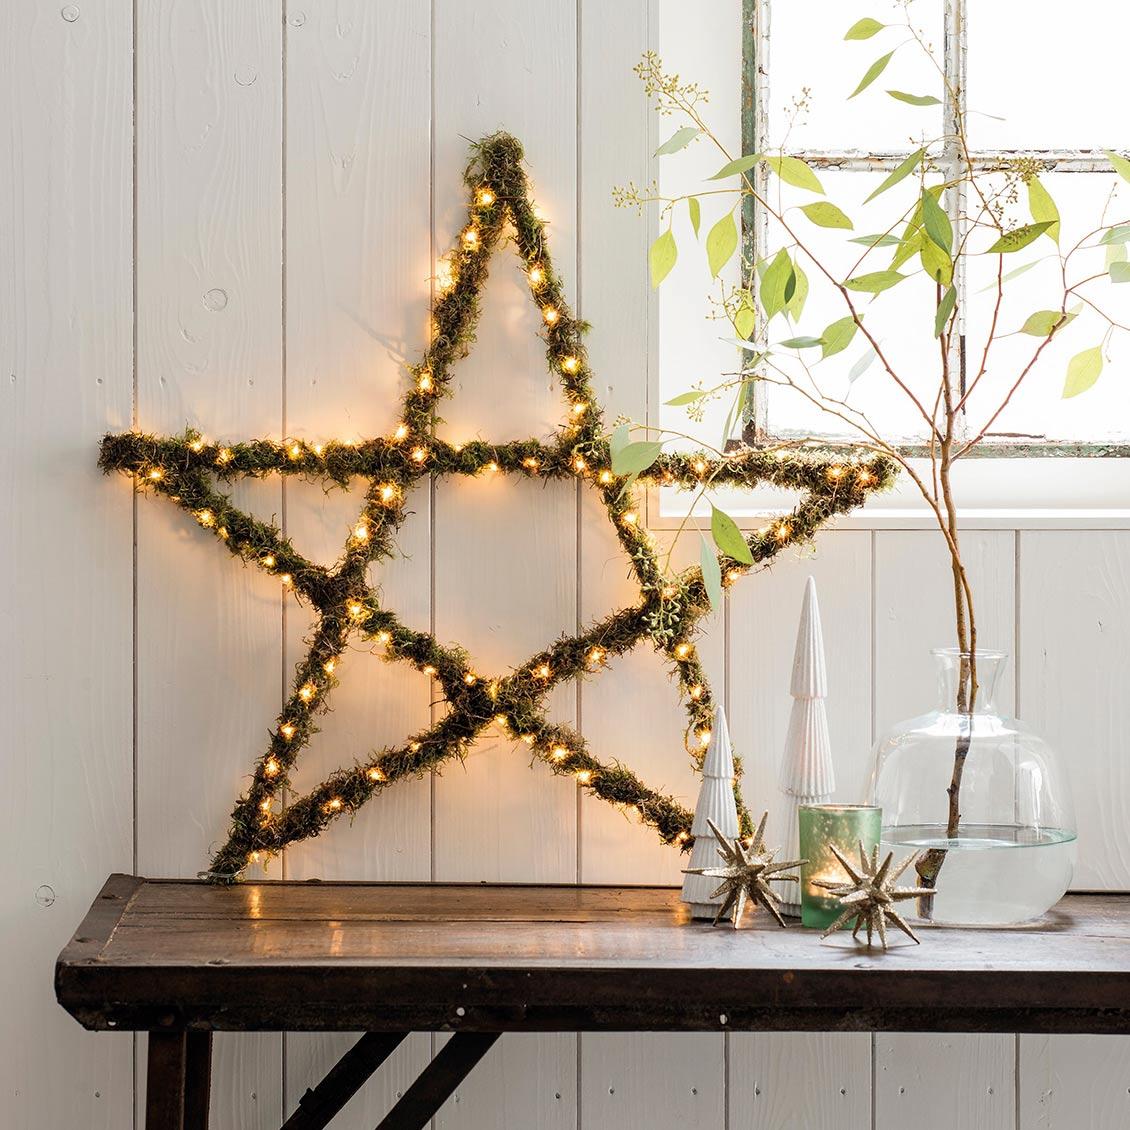 DIY Kerstster met verlichting resultaat